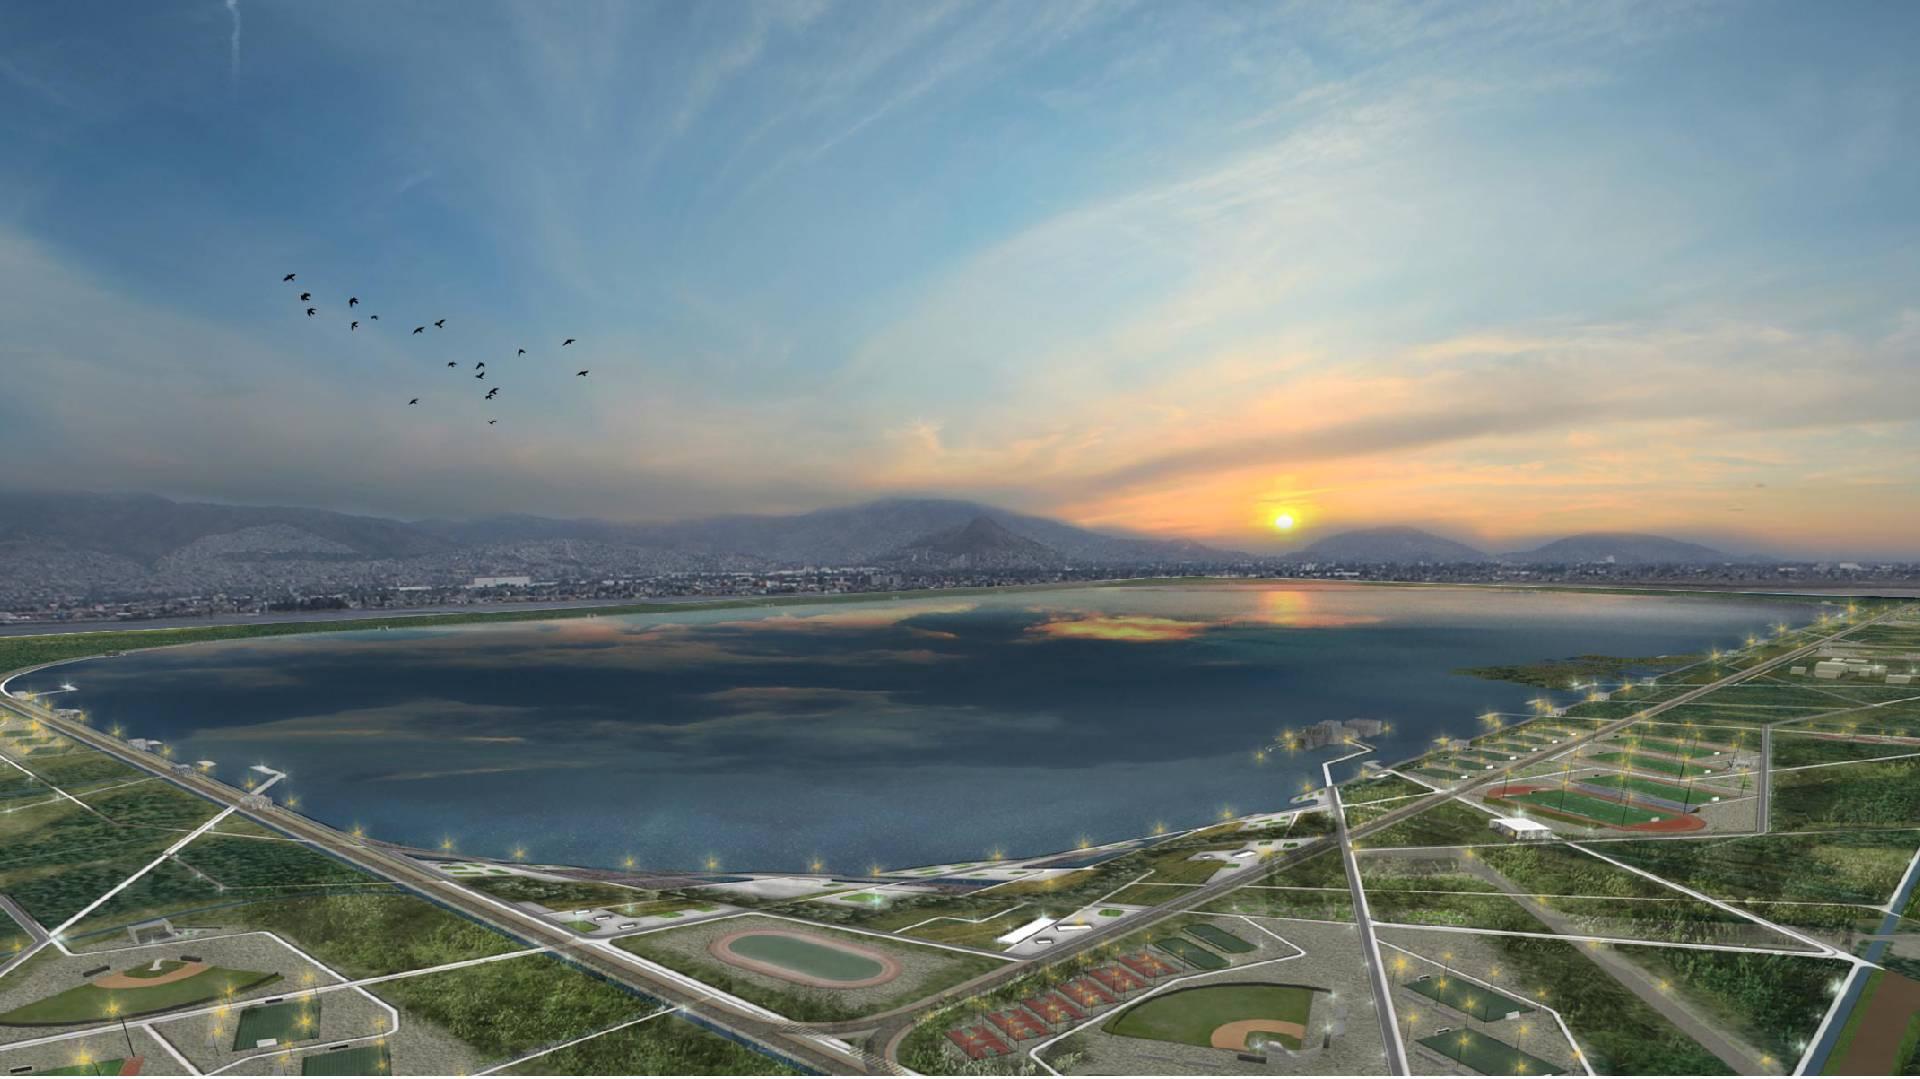 Regresa ICA a terrenos del NAIM; gana contrato para Parque Ecológico Lago de Texcoco